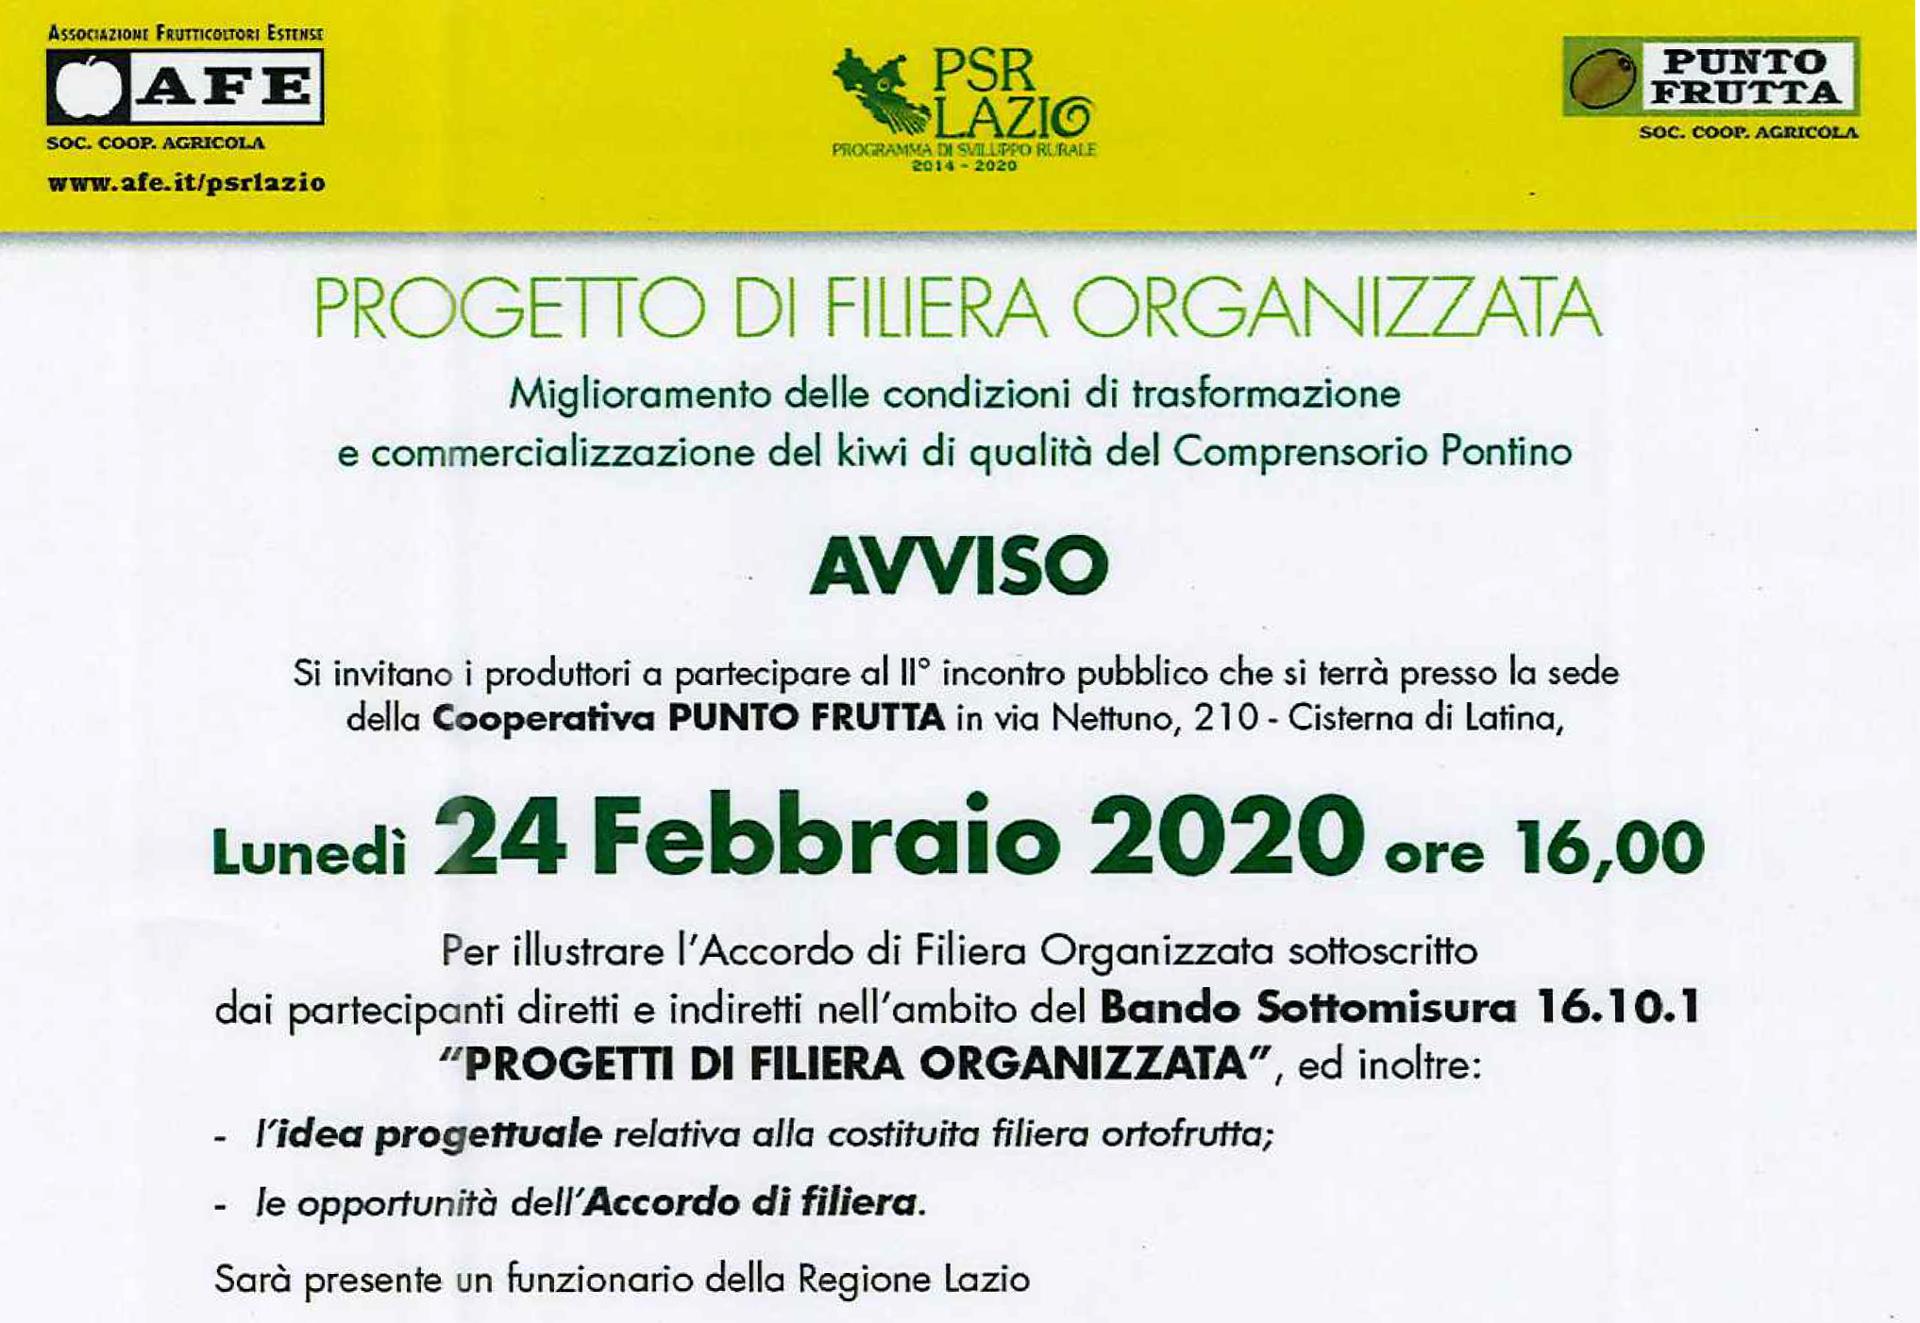 24 febbraio 2020 progetti di filiera organizzata